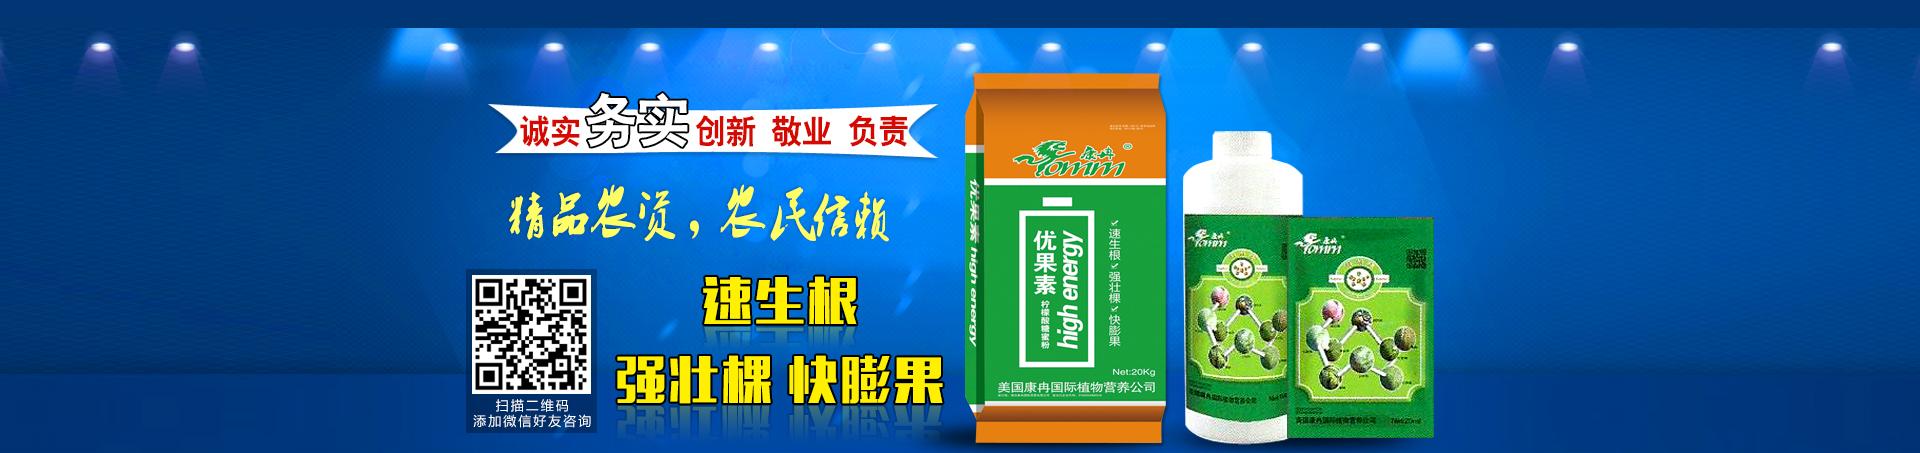 烟台康冉国际贸易有限公司